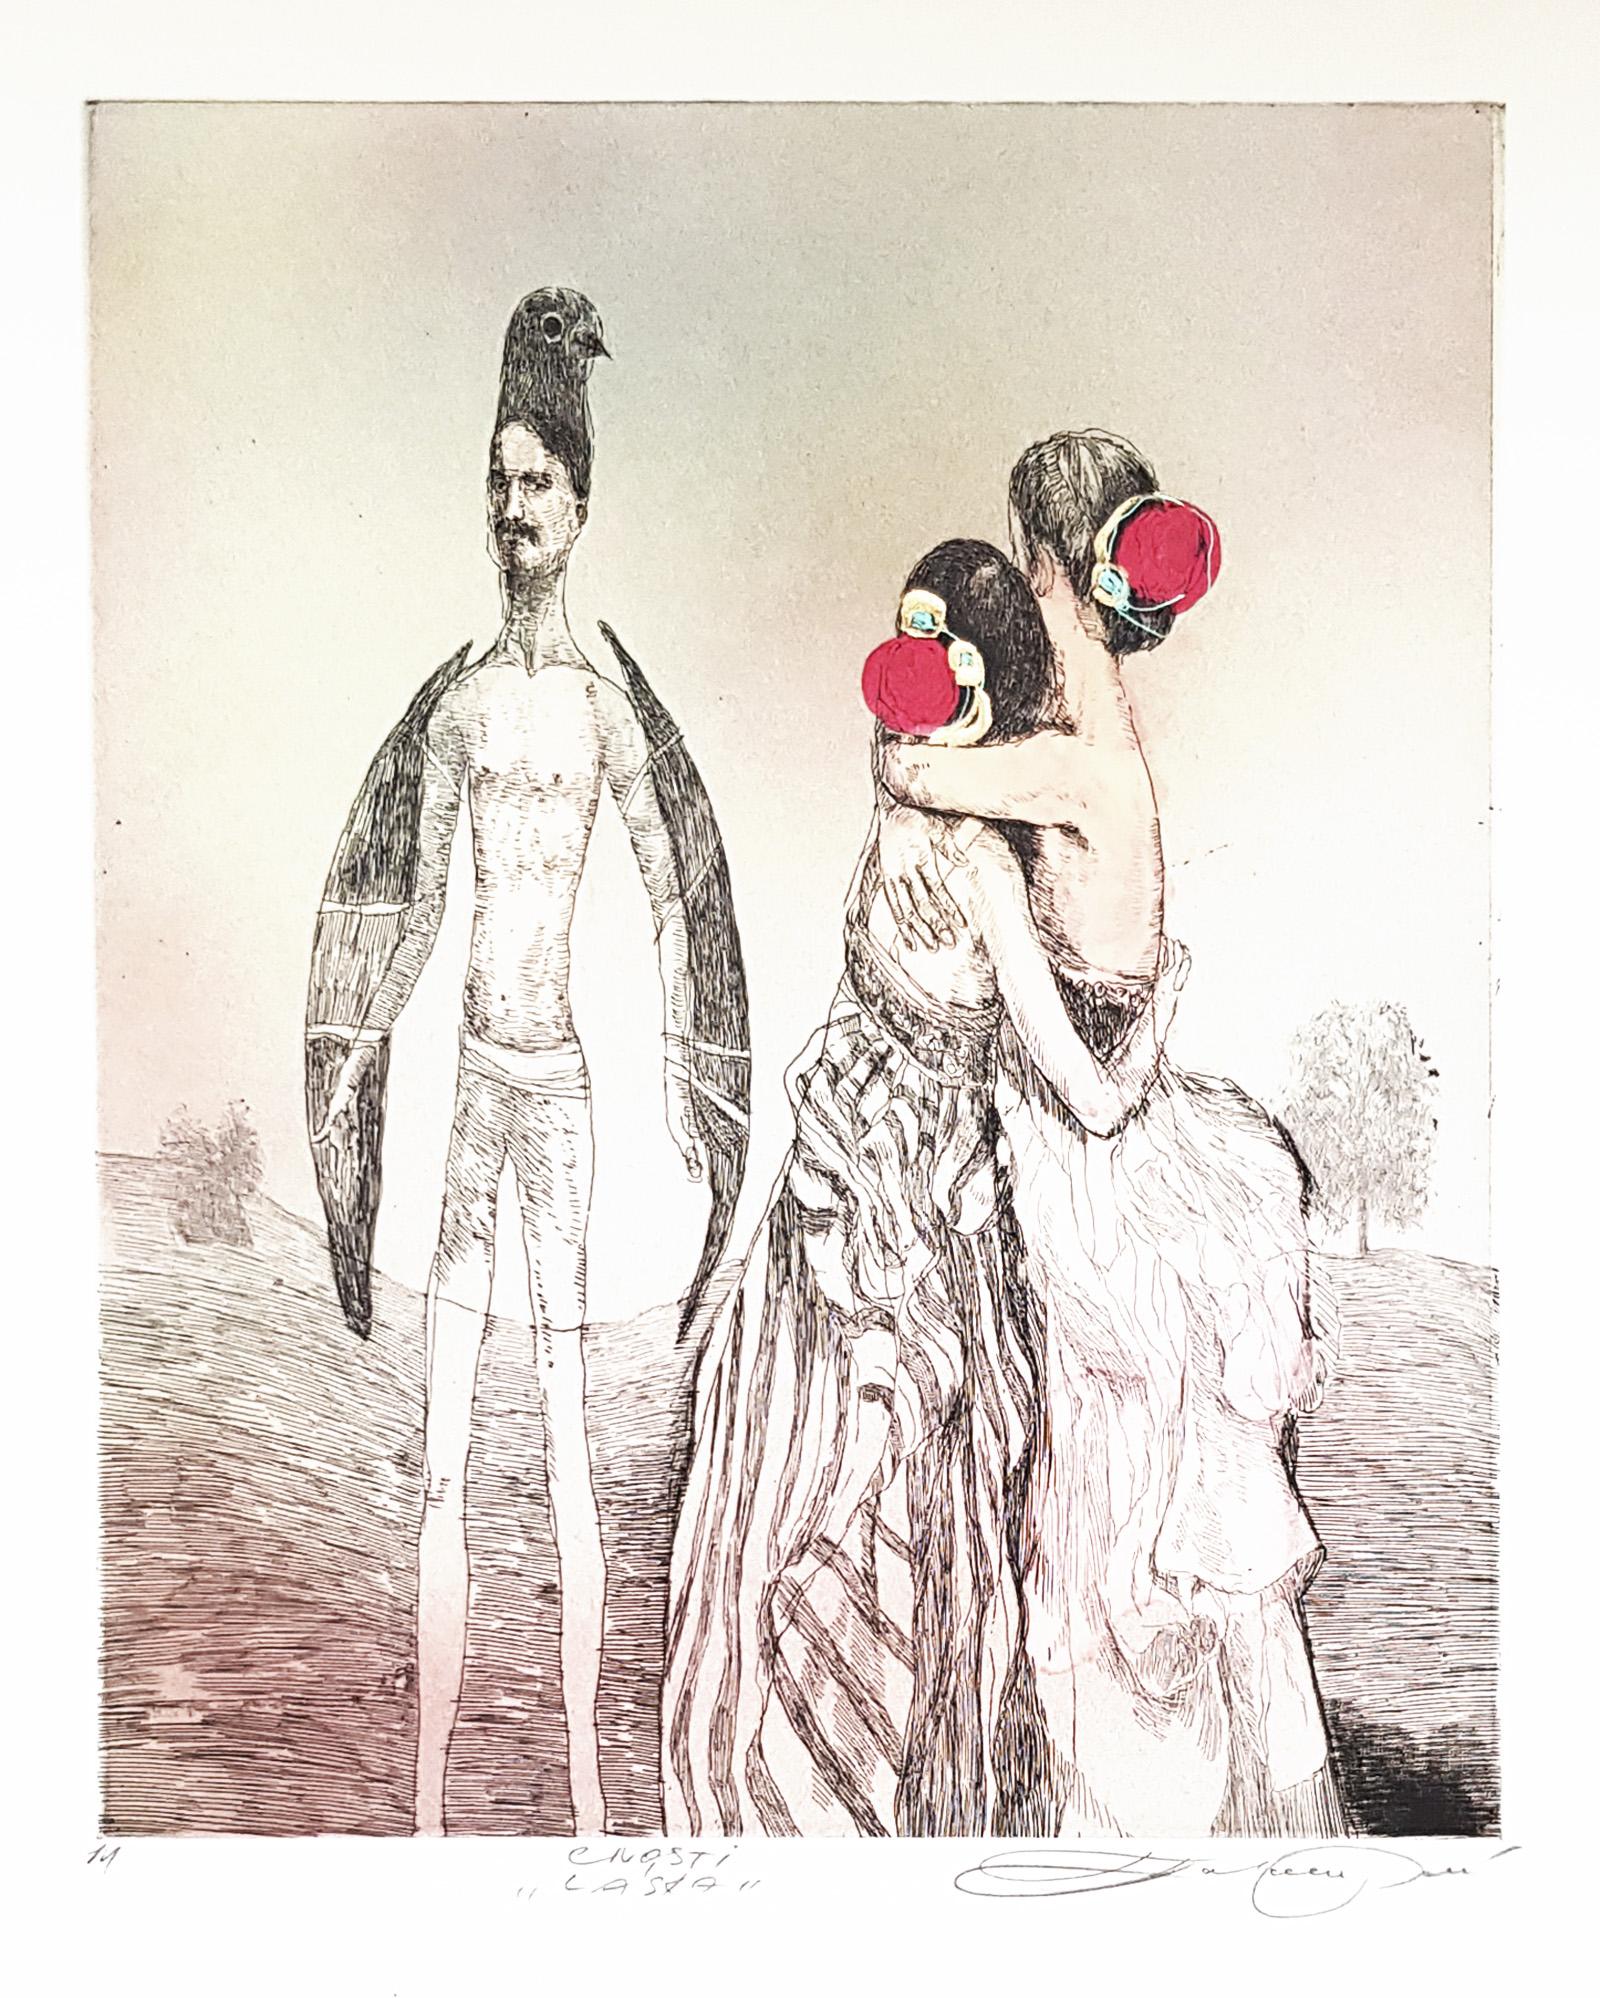 Cnosti Láska, Katarína Vavrová, Galéria Ave, Rámovanie